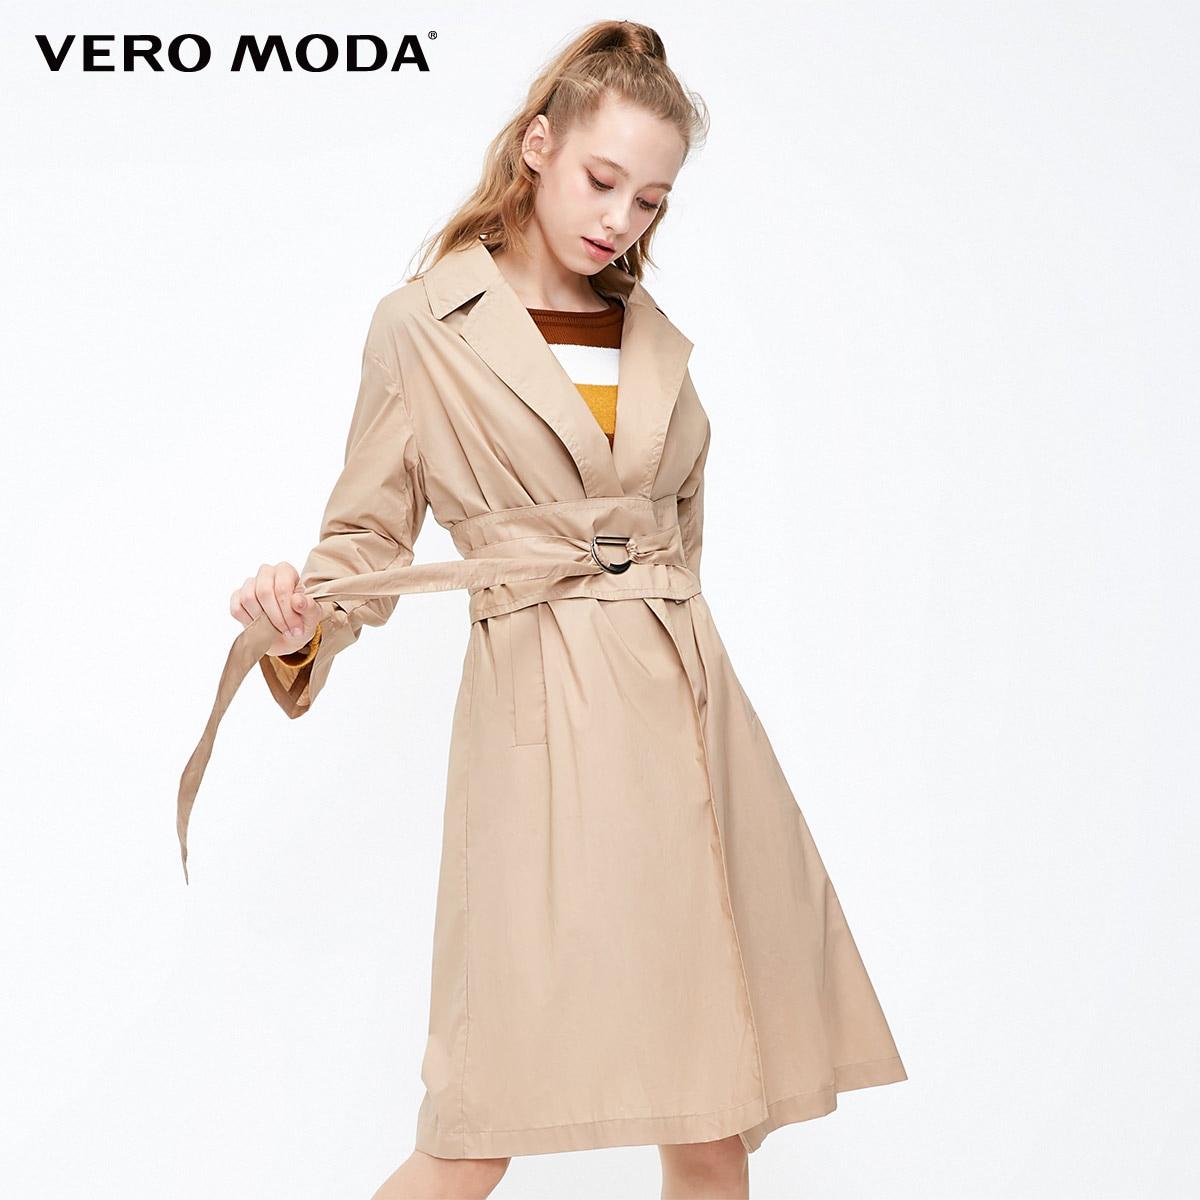 Vero Moda 2019 New Women's Detachable Buttoned Waist Belt Lapel Wind Coat   Trench   Coat   318421505